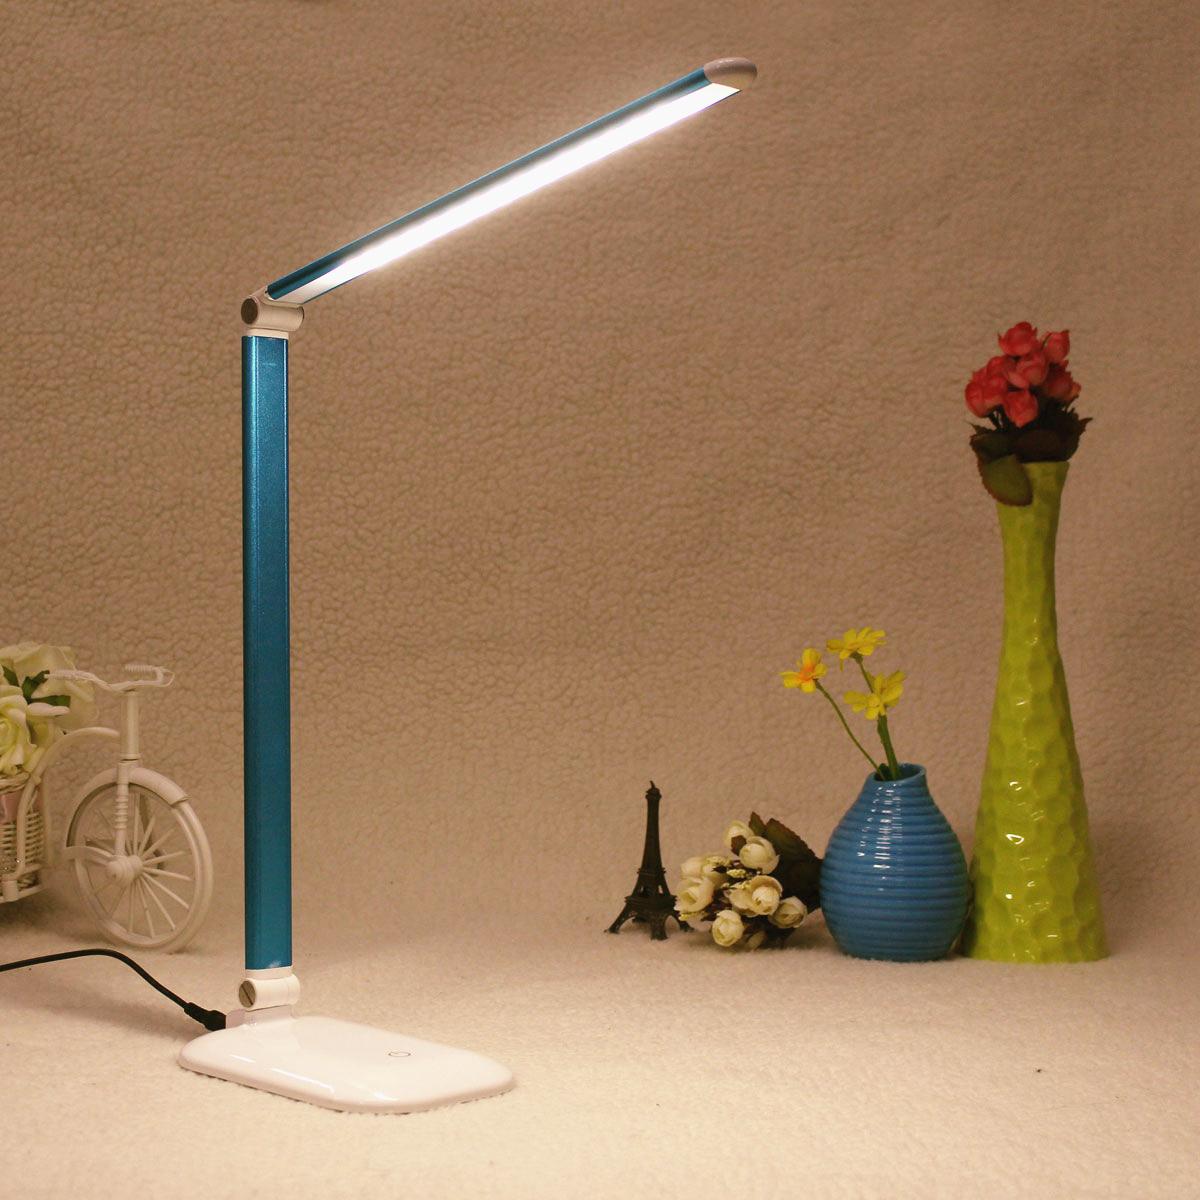 pliable led nuit lampe de table bureau chevet variateur touche capteur cadeau ebay. Black Bedroom Furniture Sets. Home Design Ideas